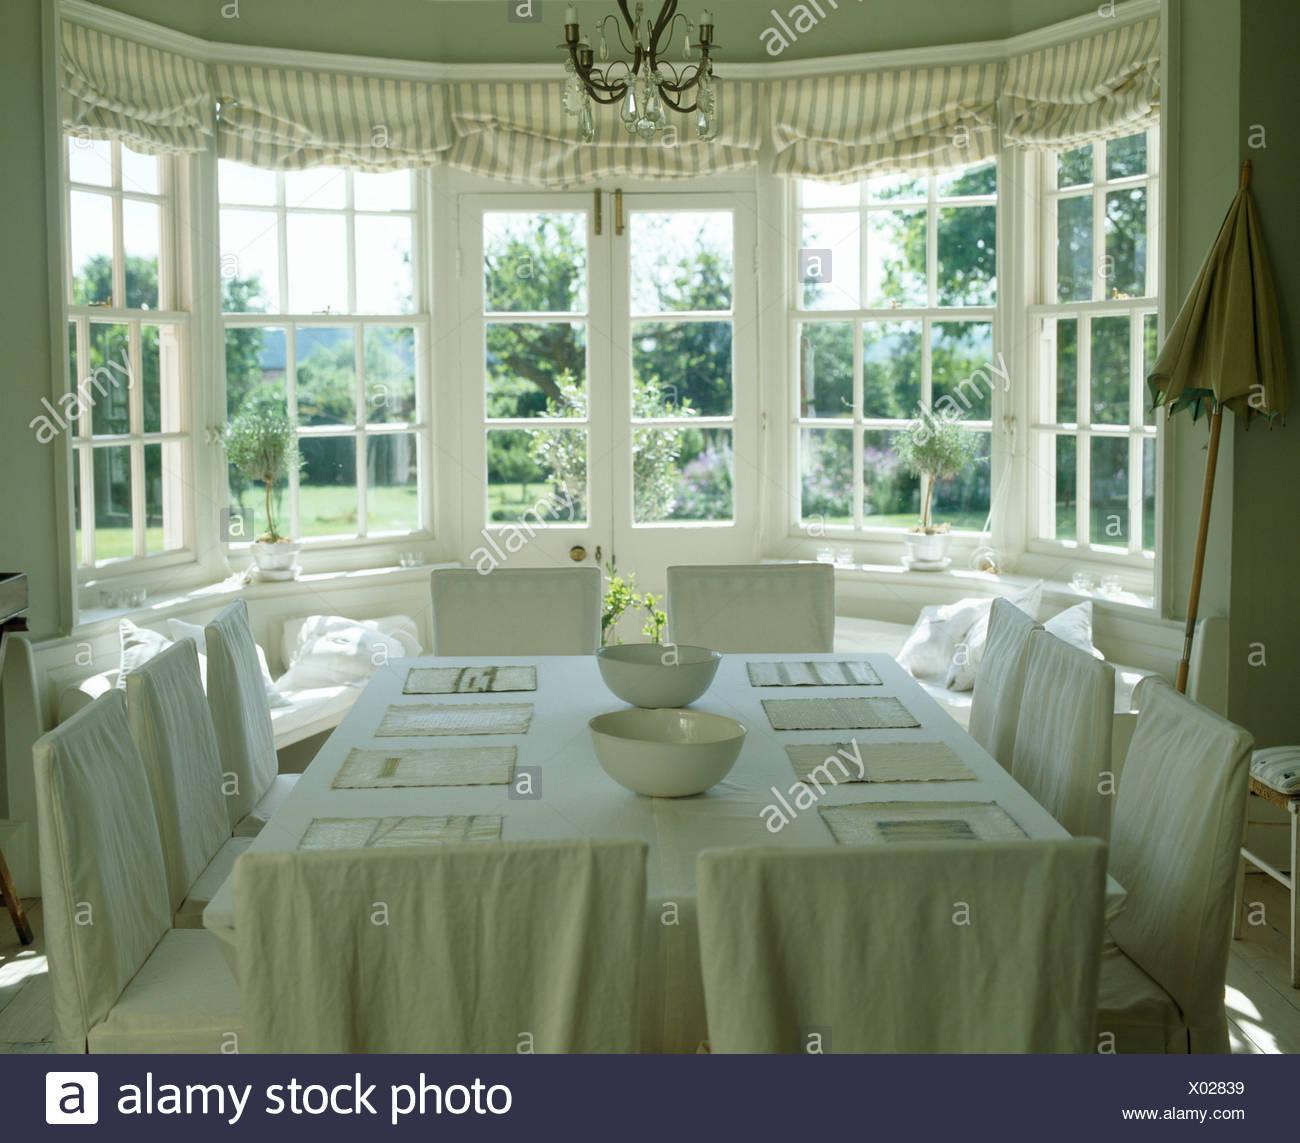 Creme Leinen Lose Abdeckungen Auf Stühlen In Creme Land Esszimmer